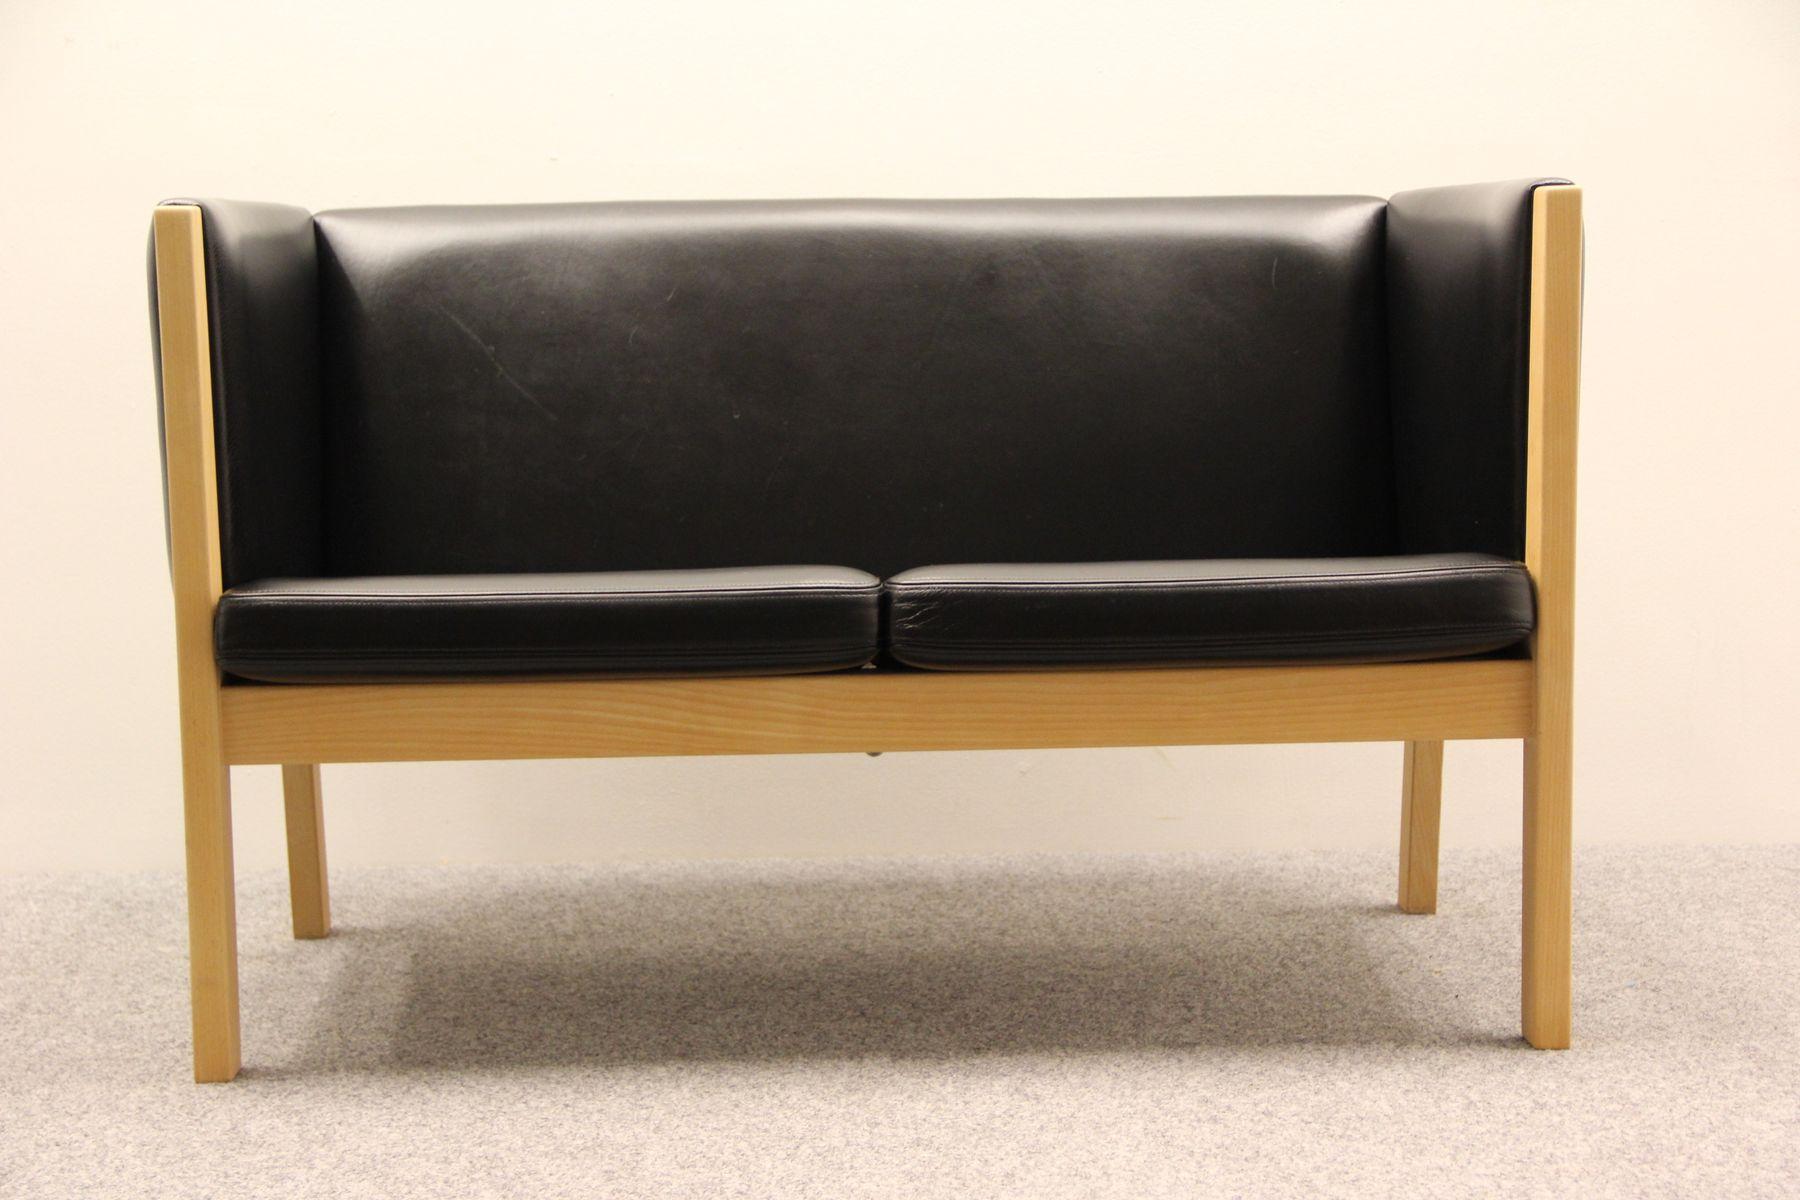 modell ge 285 zwei sitzer sofa von hans j wegner f r getama bei pamono kaufen. Black Bedroom Furniture Sets. Home Design Ideas